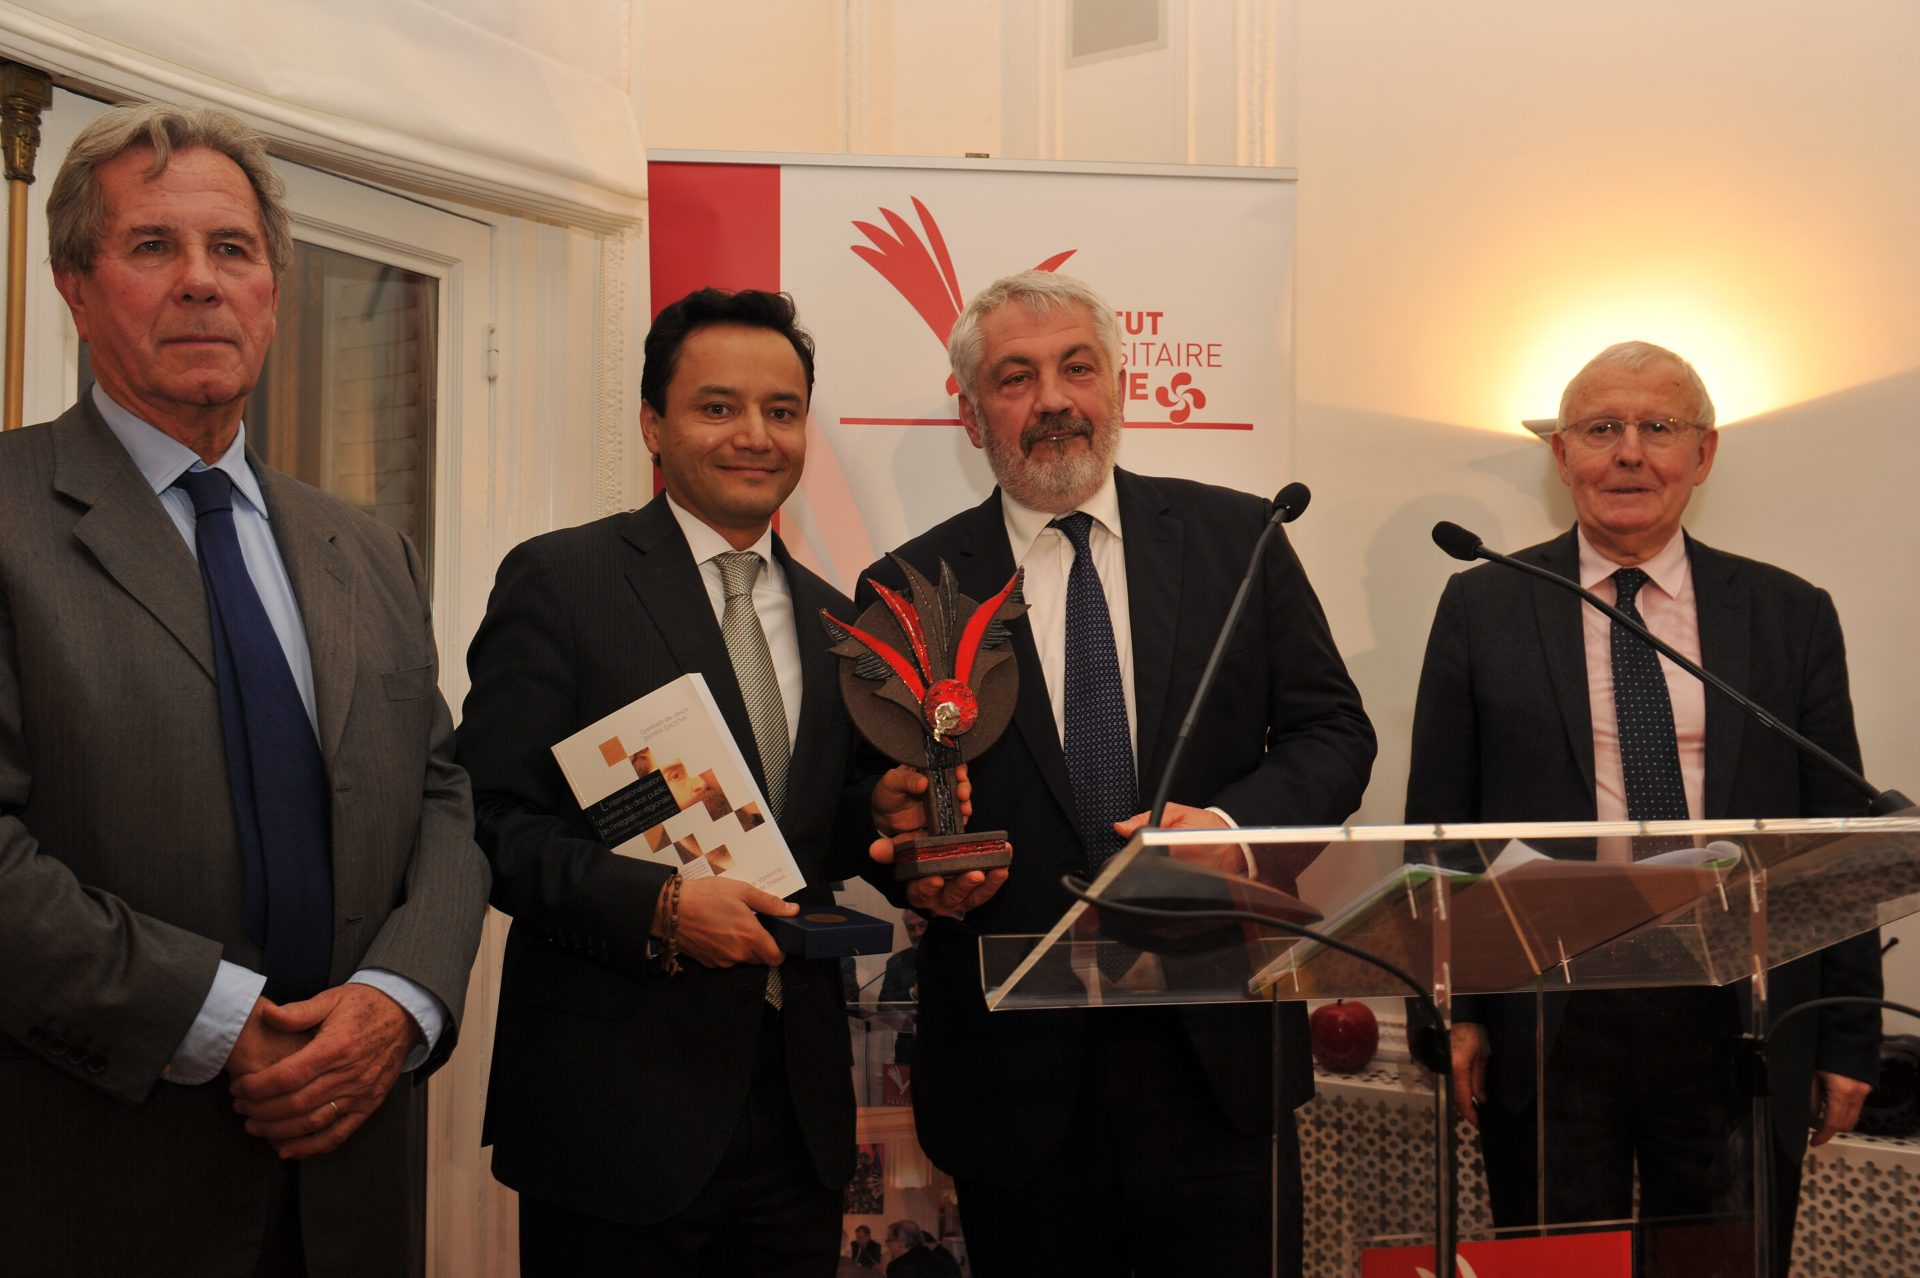 Grenfieth de Jesus Sierra Cadena, Lauréat dans la catégorie Droit européen